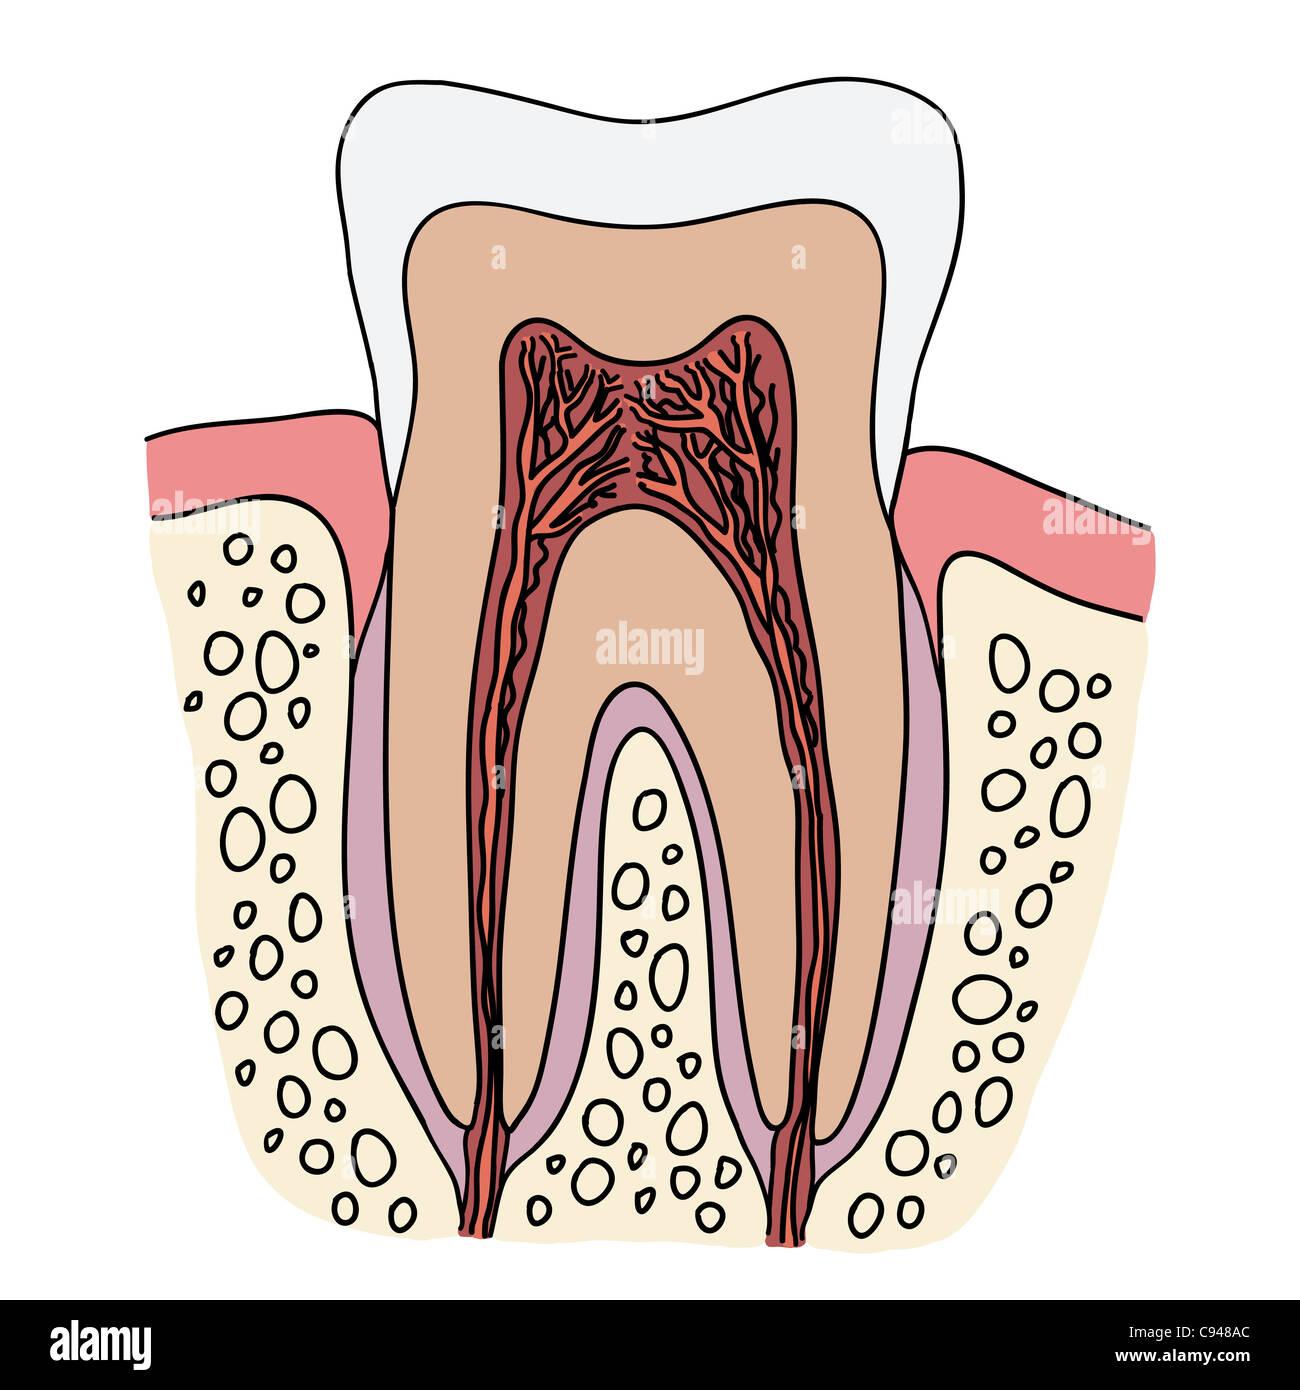 Fantastisch Wurzelkanal Anatomie Der Menschlichen Zähne Bilder ...